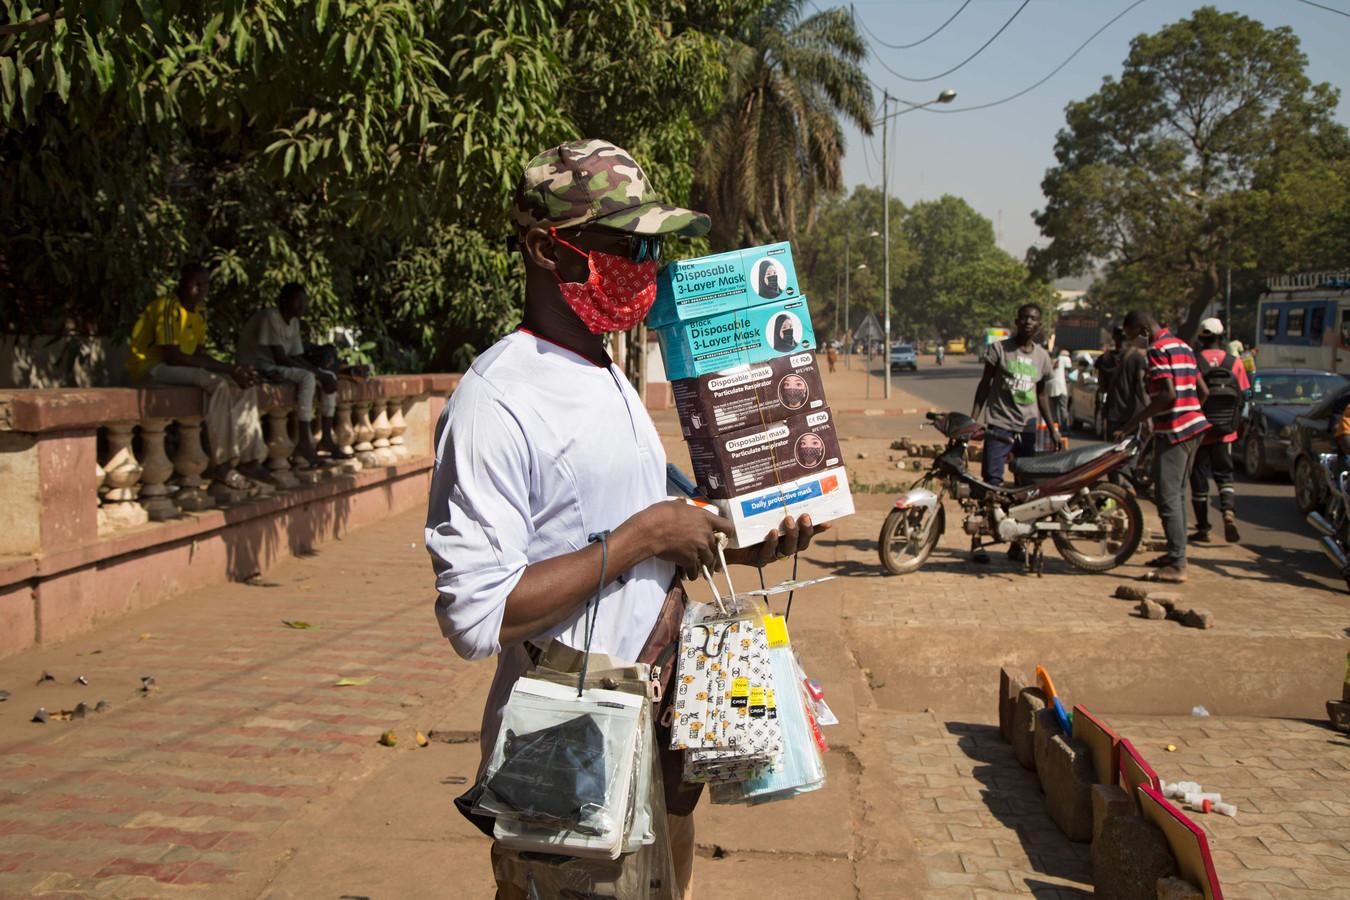 Een straatverkoper probeert mondkapjes te slijten in Bamako, Mali.